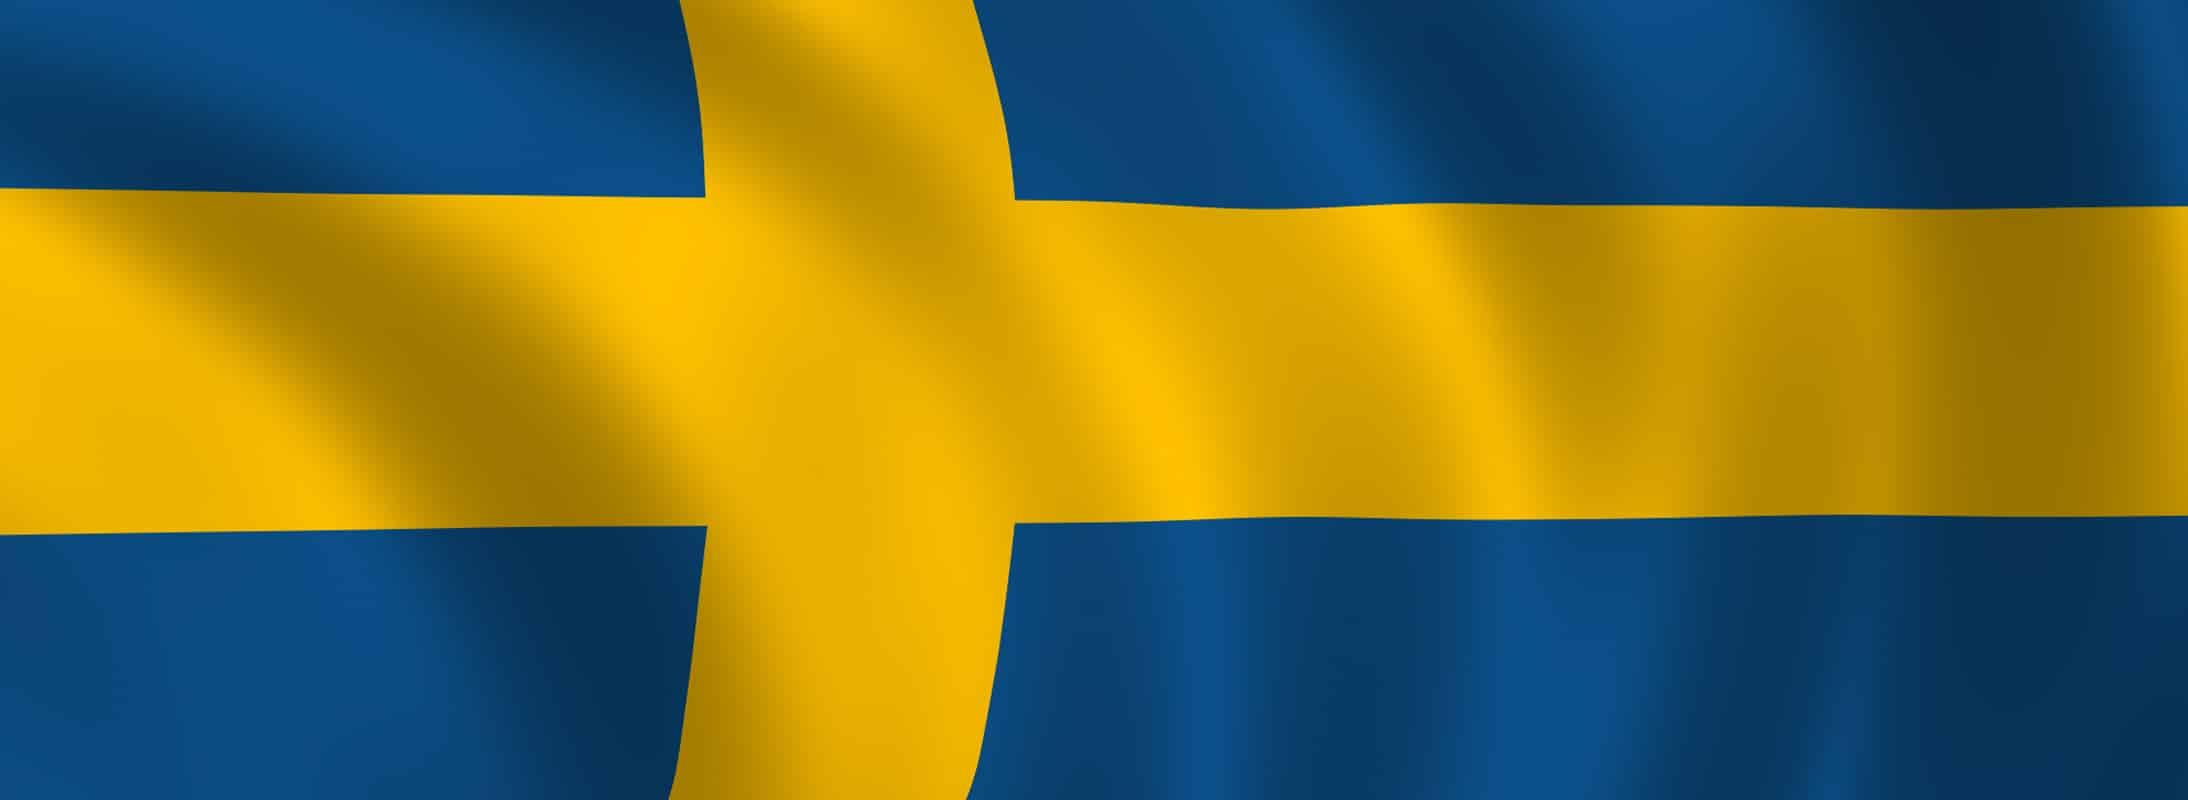 Casinonyheter - uke 36 - Norway CasinoTop Banner 01